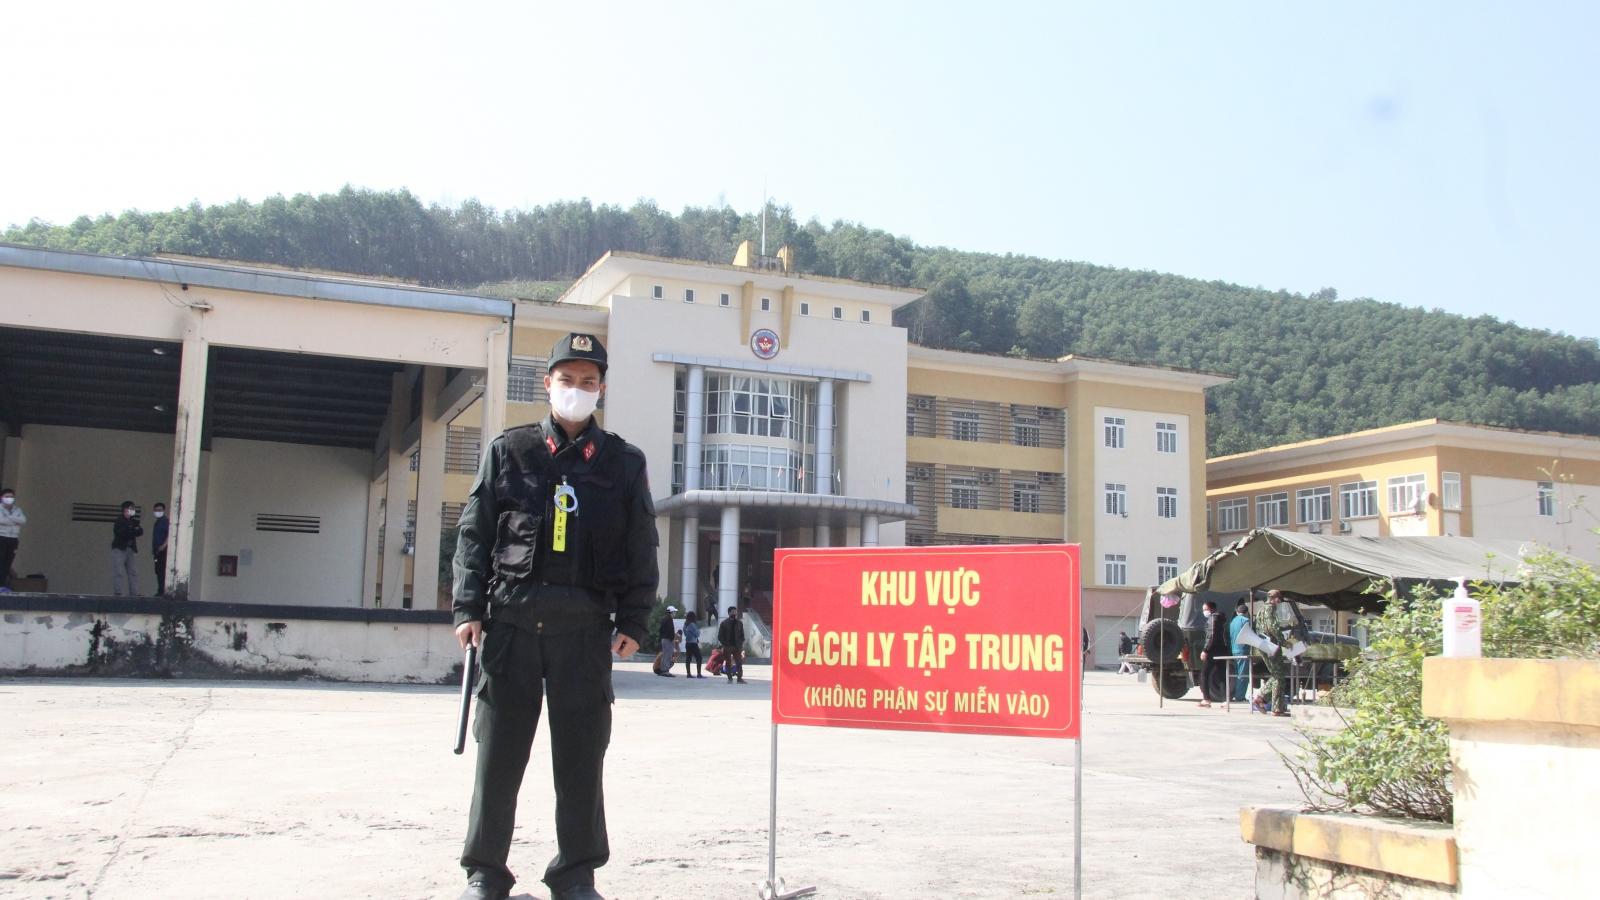 Biên phòng Hà Tĩnhkiểm soát chặt đường biên phòng chống xuất nhập cảnh trái phép